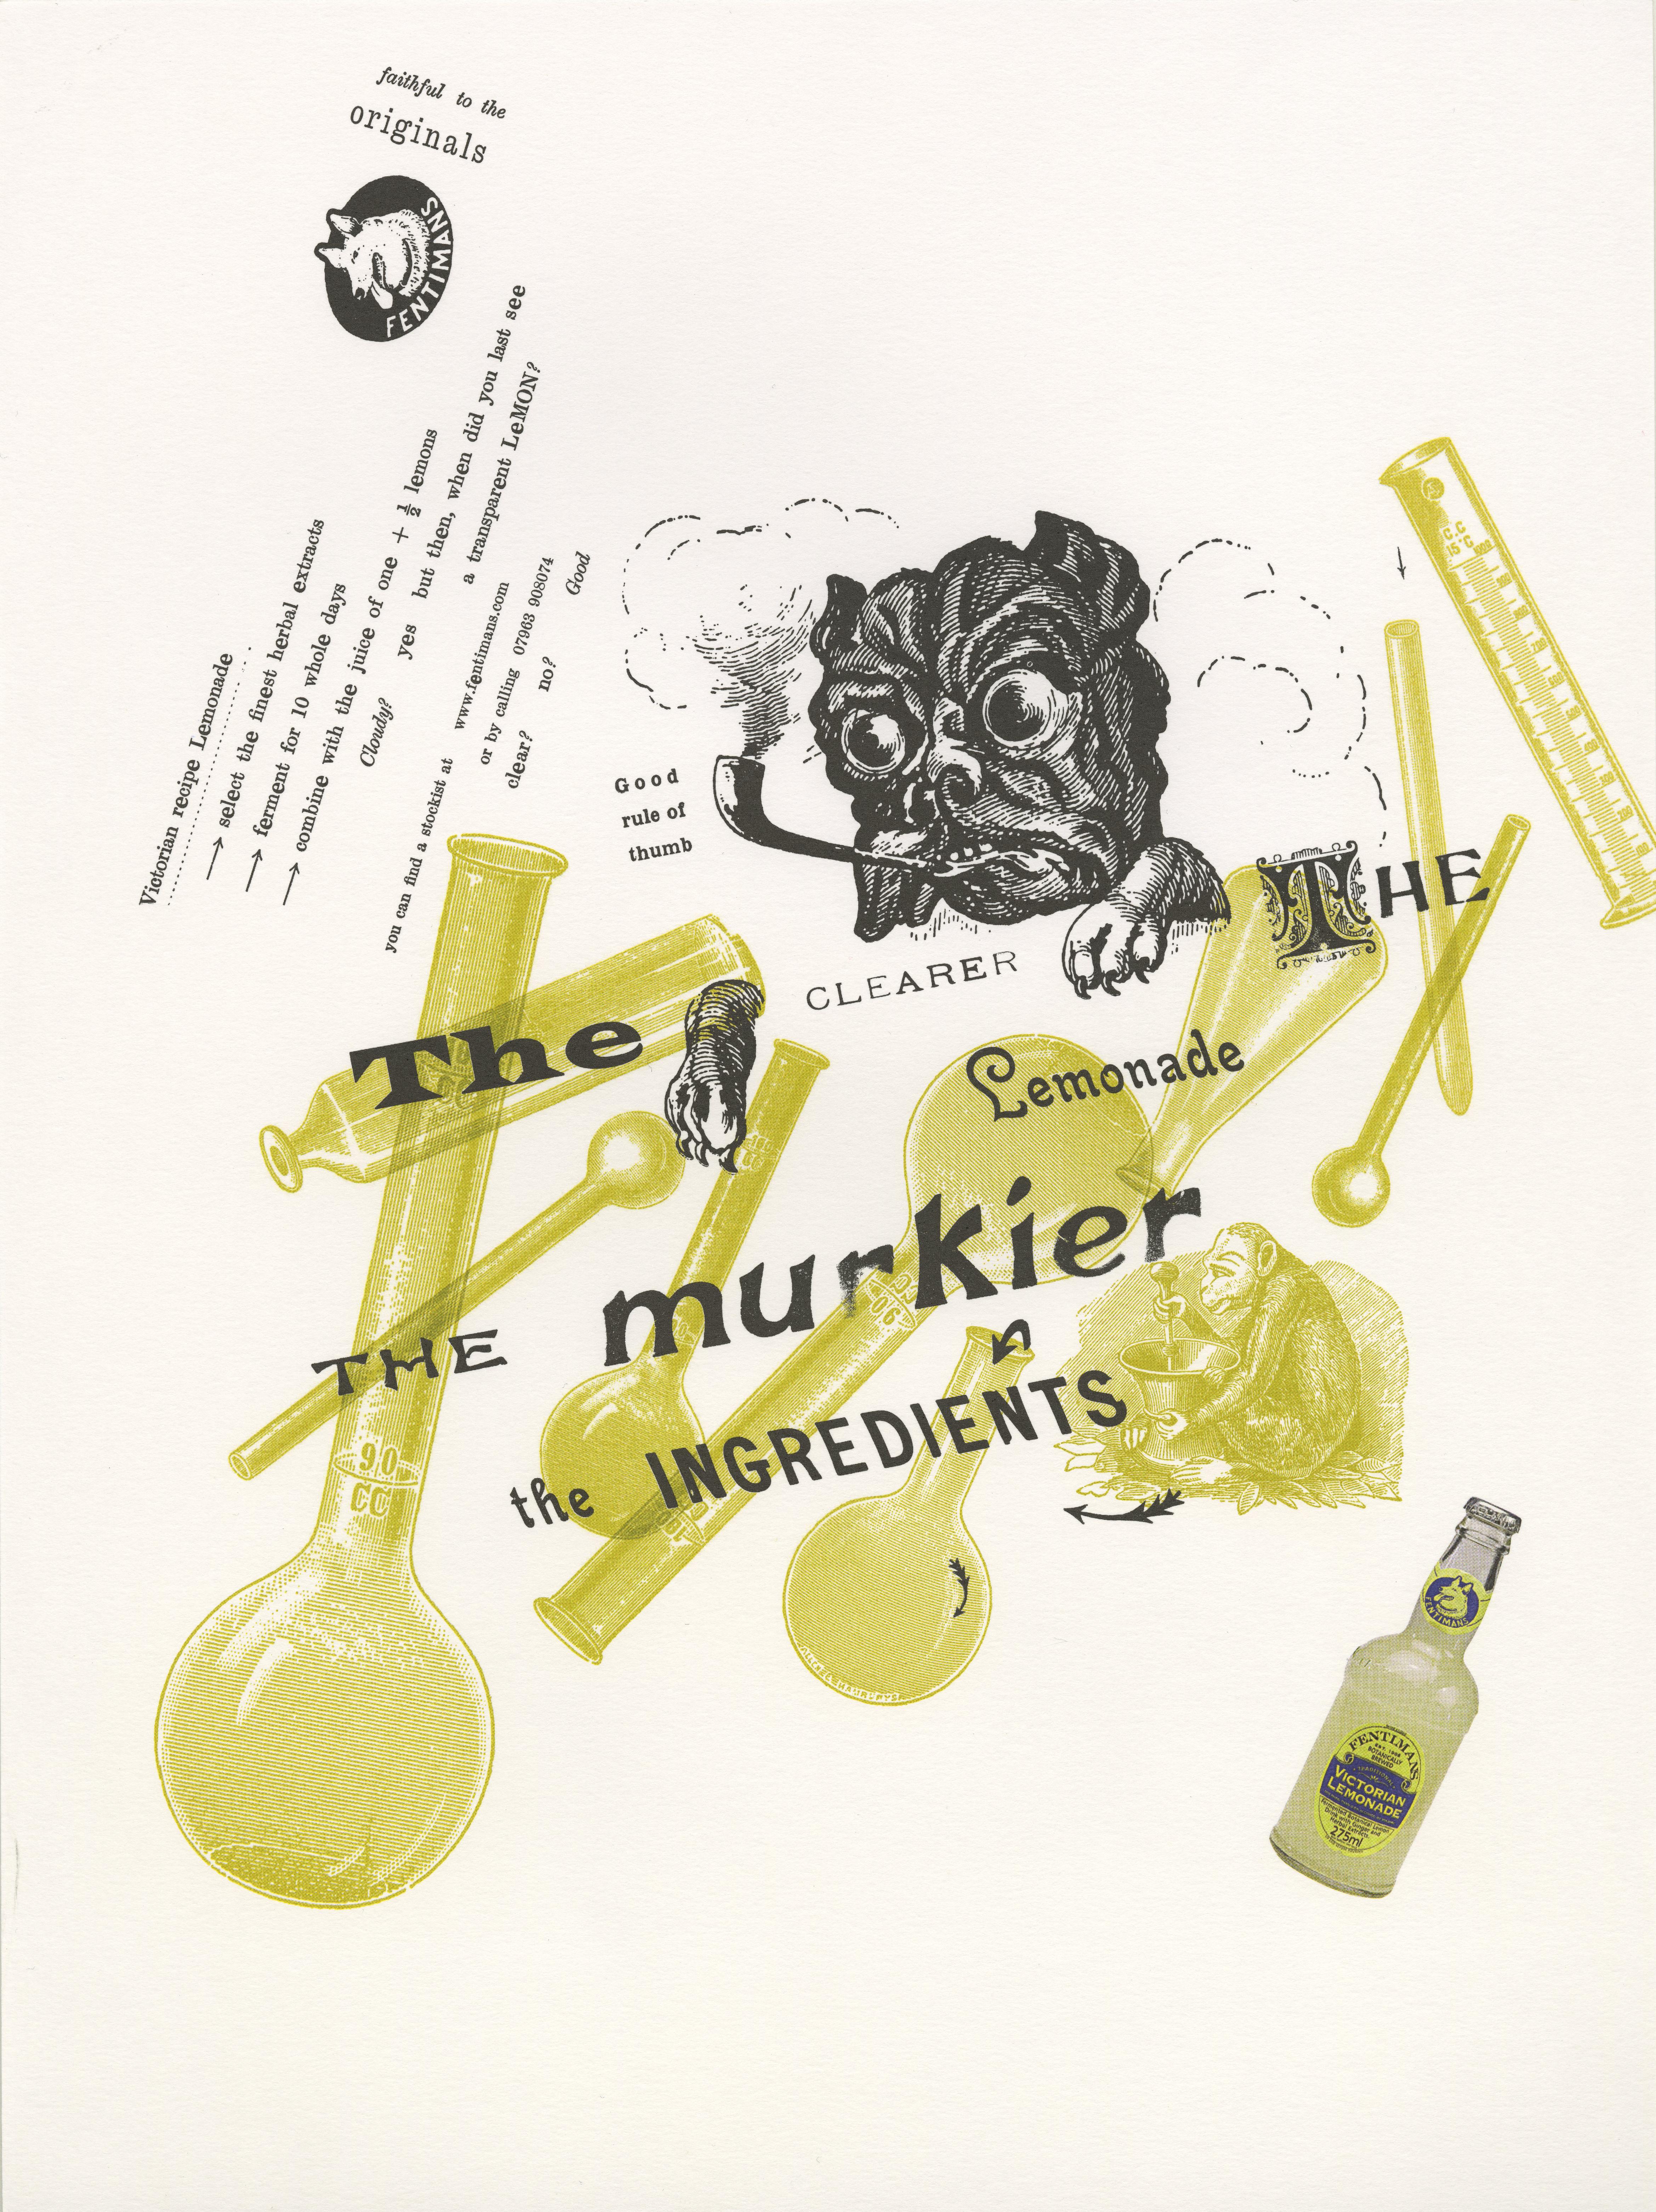 Fentiman's - 'Murkier', Dave Wakefield-01